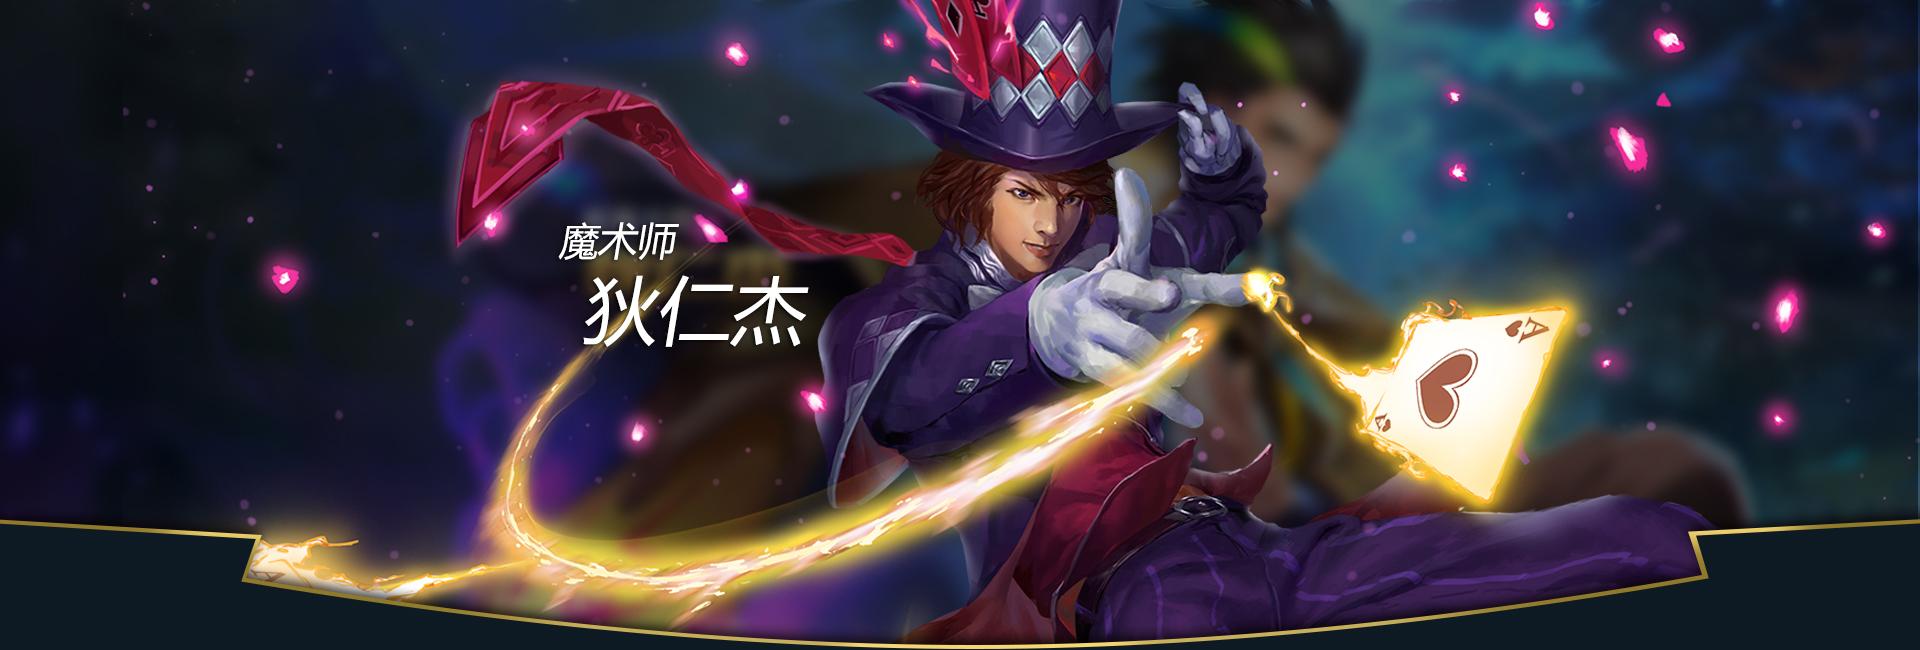 第2弹《王者荣耀英雄皮肤CG》竞技游戏131